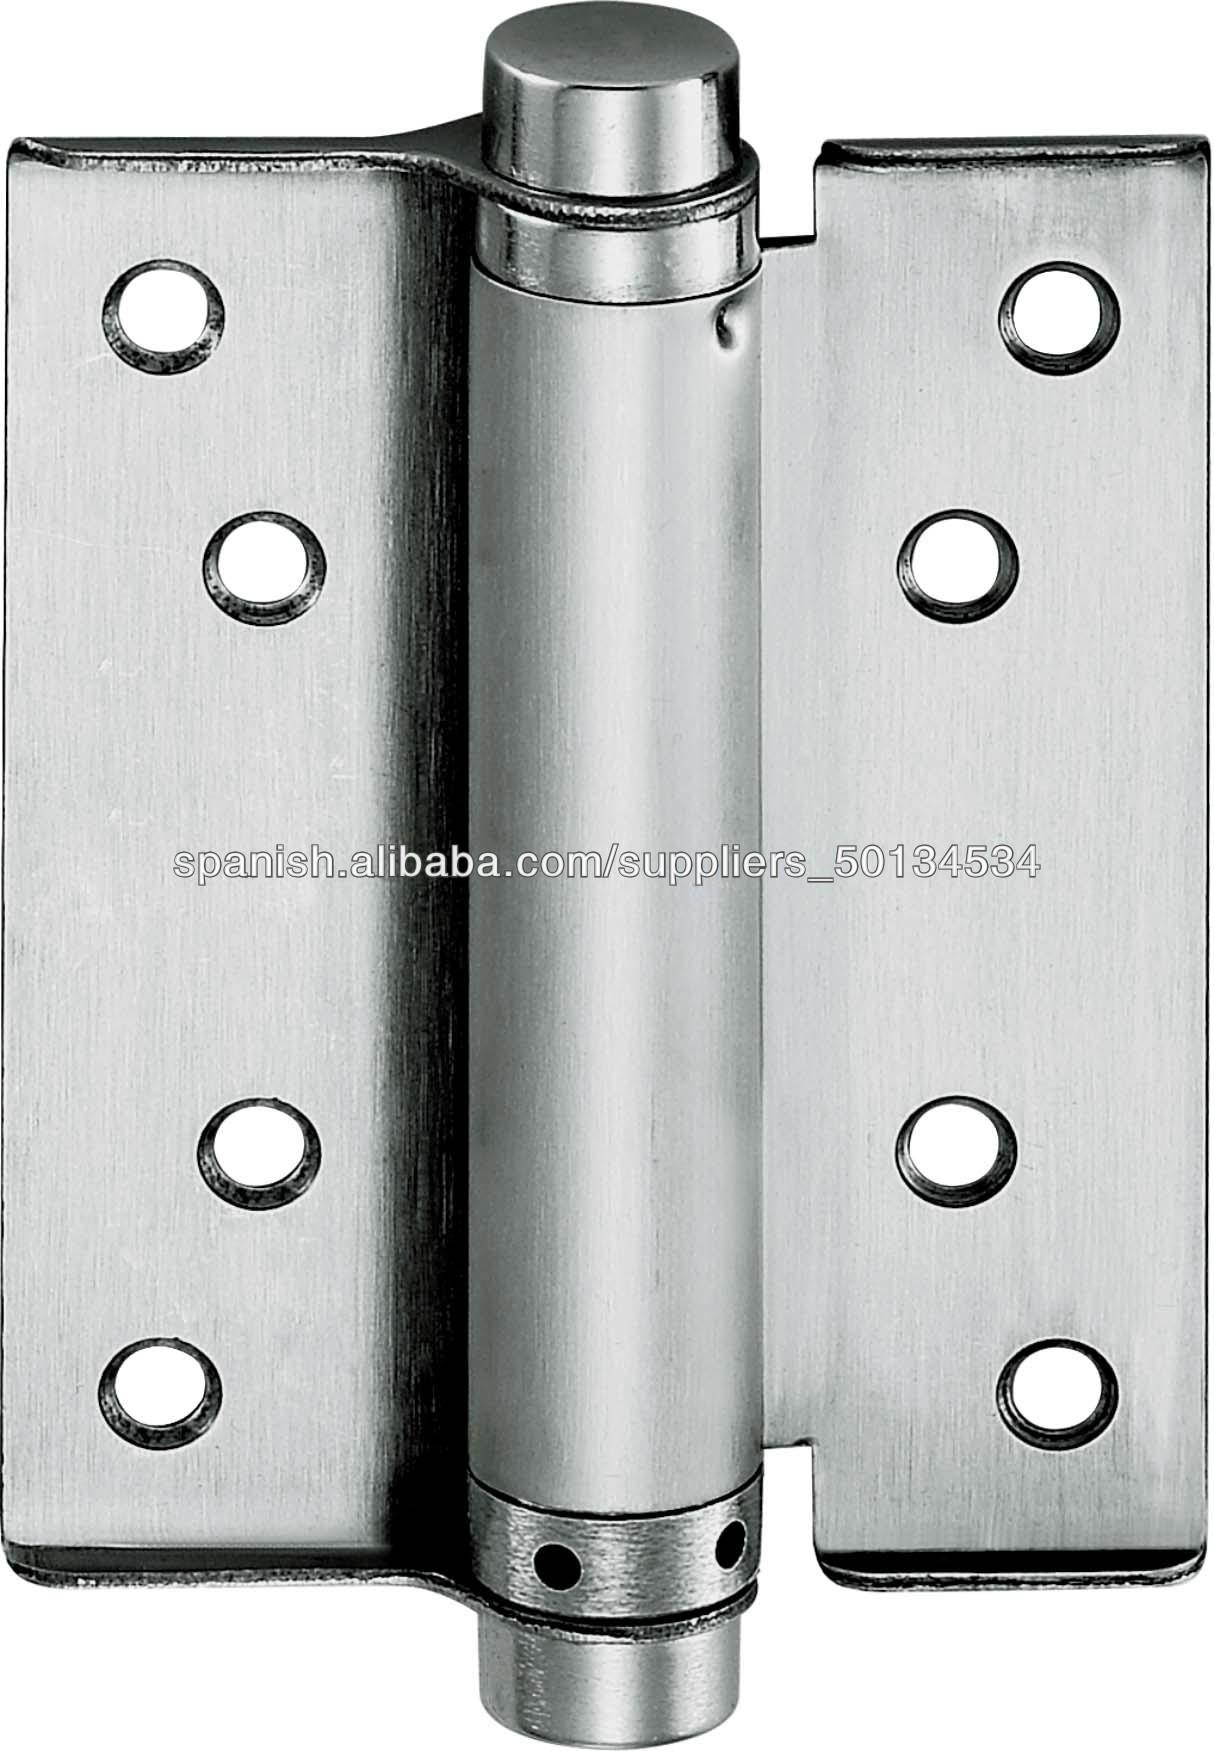 Bisagra del resorte bisagra de cierre autom tico bisagras para puertas y ventanas - Tipos de bisagras para puertas ...